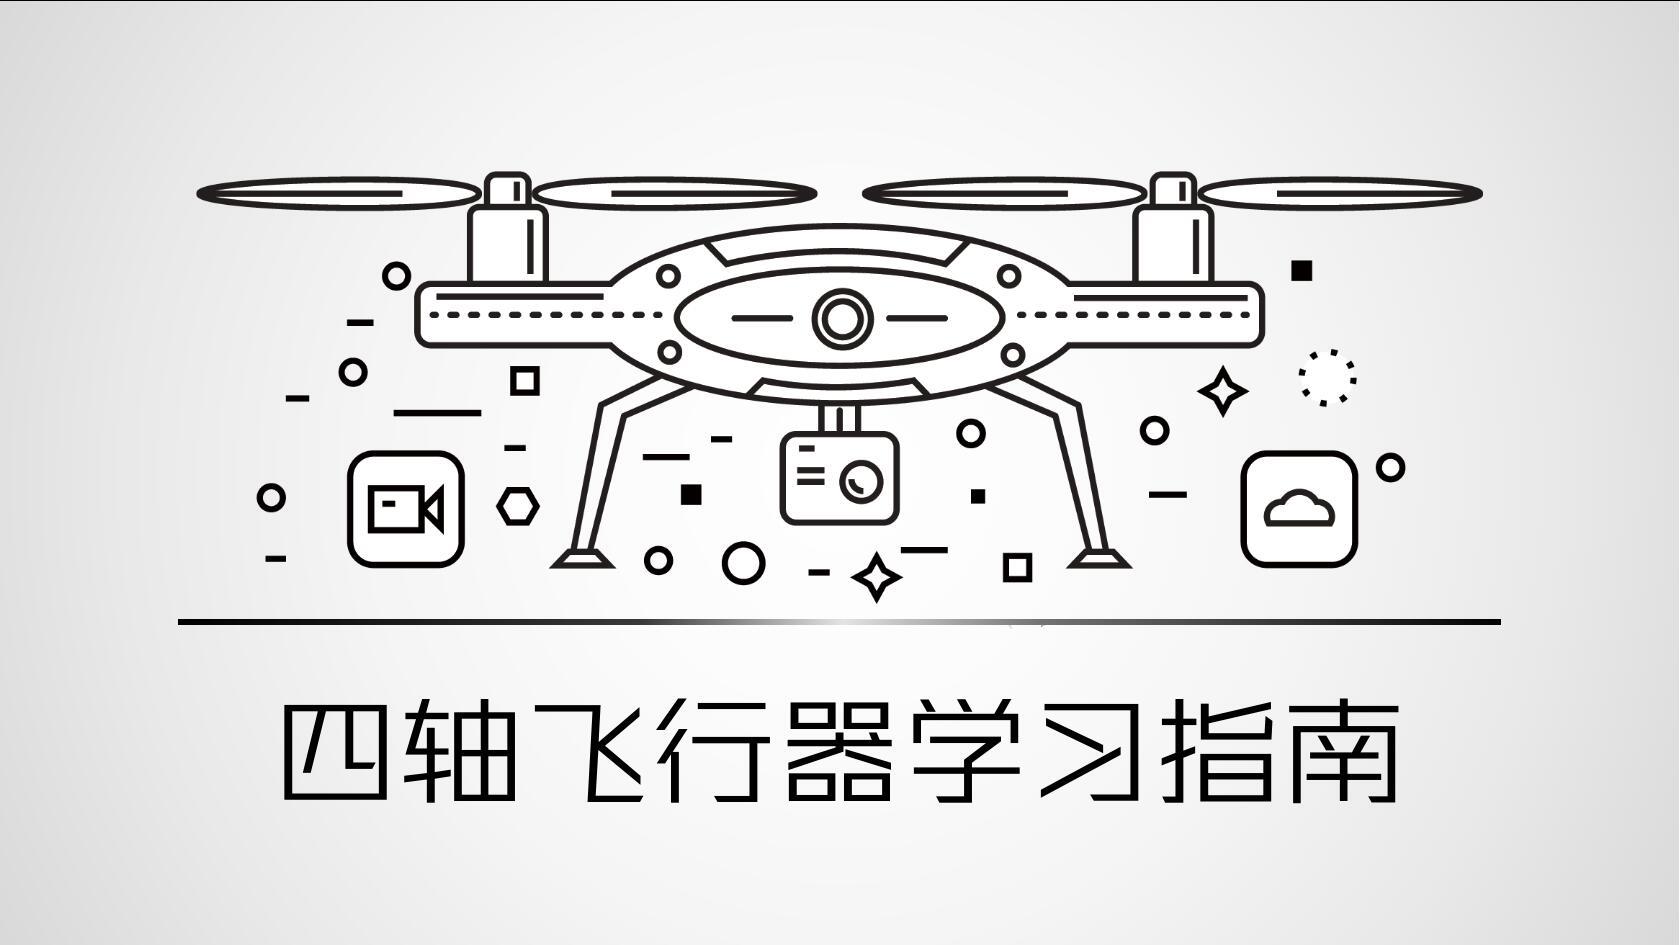 【开源硬件】Arduino四轴飞行器教学